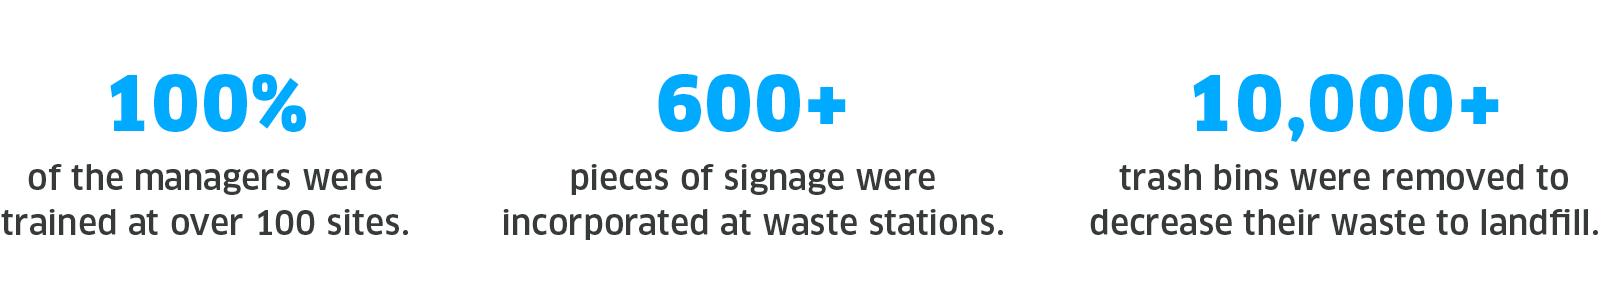 Healthcare Waste Management Program Results